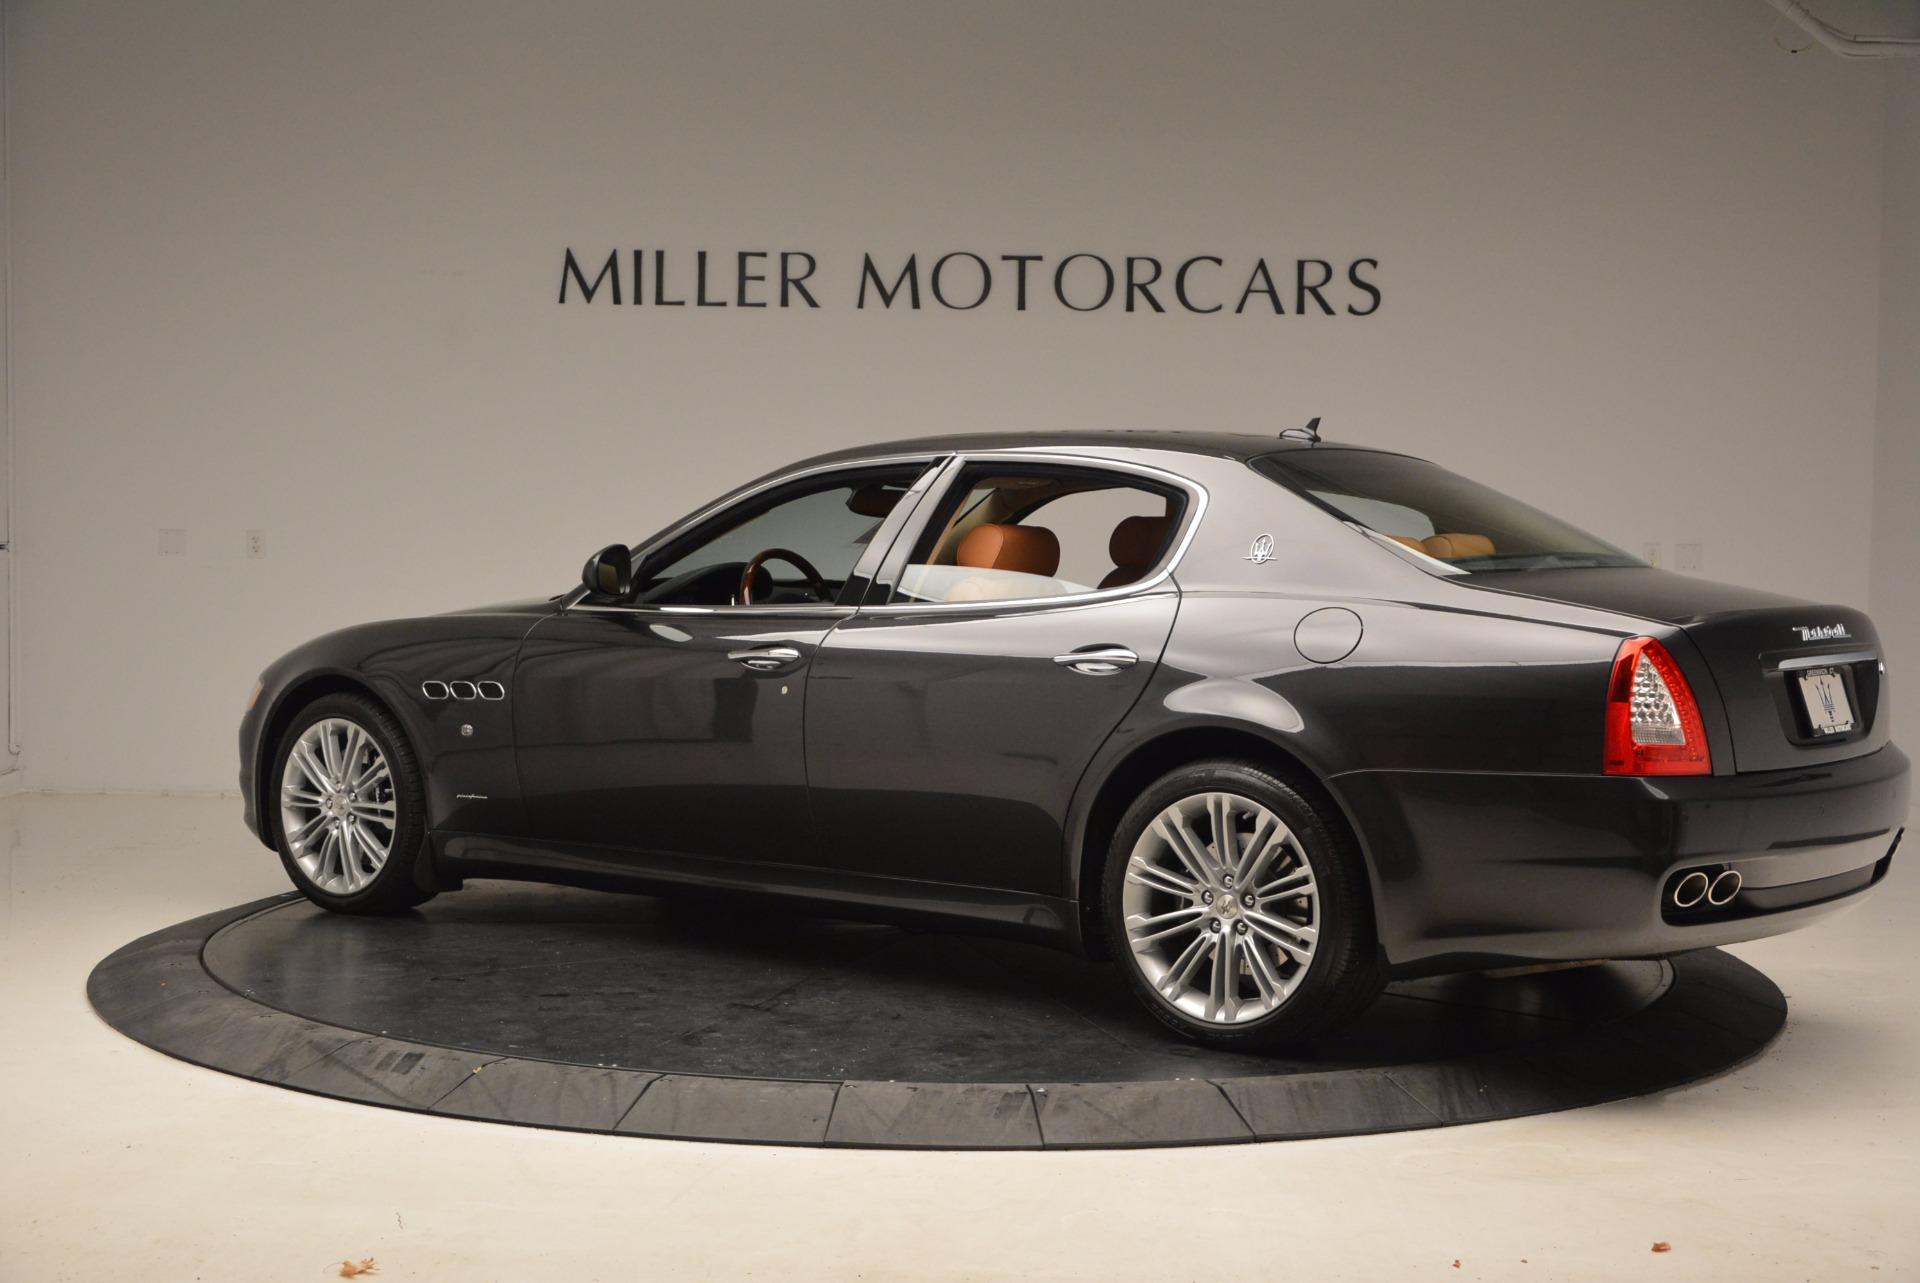 Used 2010 Maserati Quattroporte S For Sale In Greenwich, CT 1551_p4